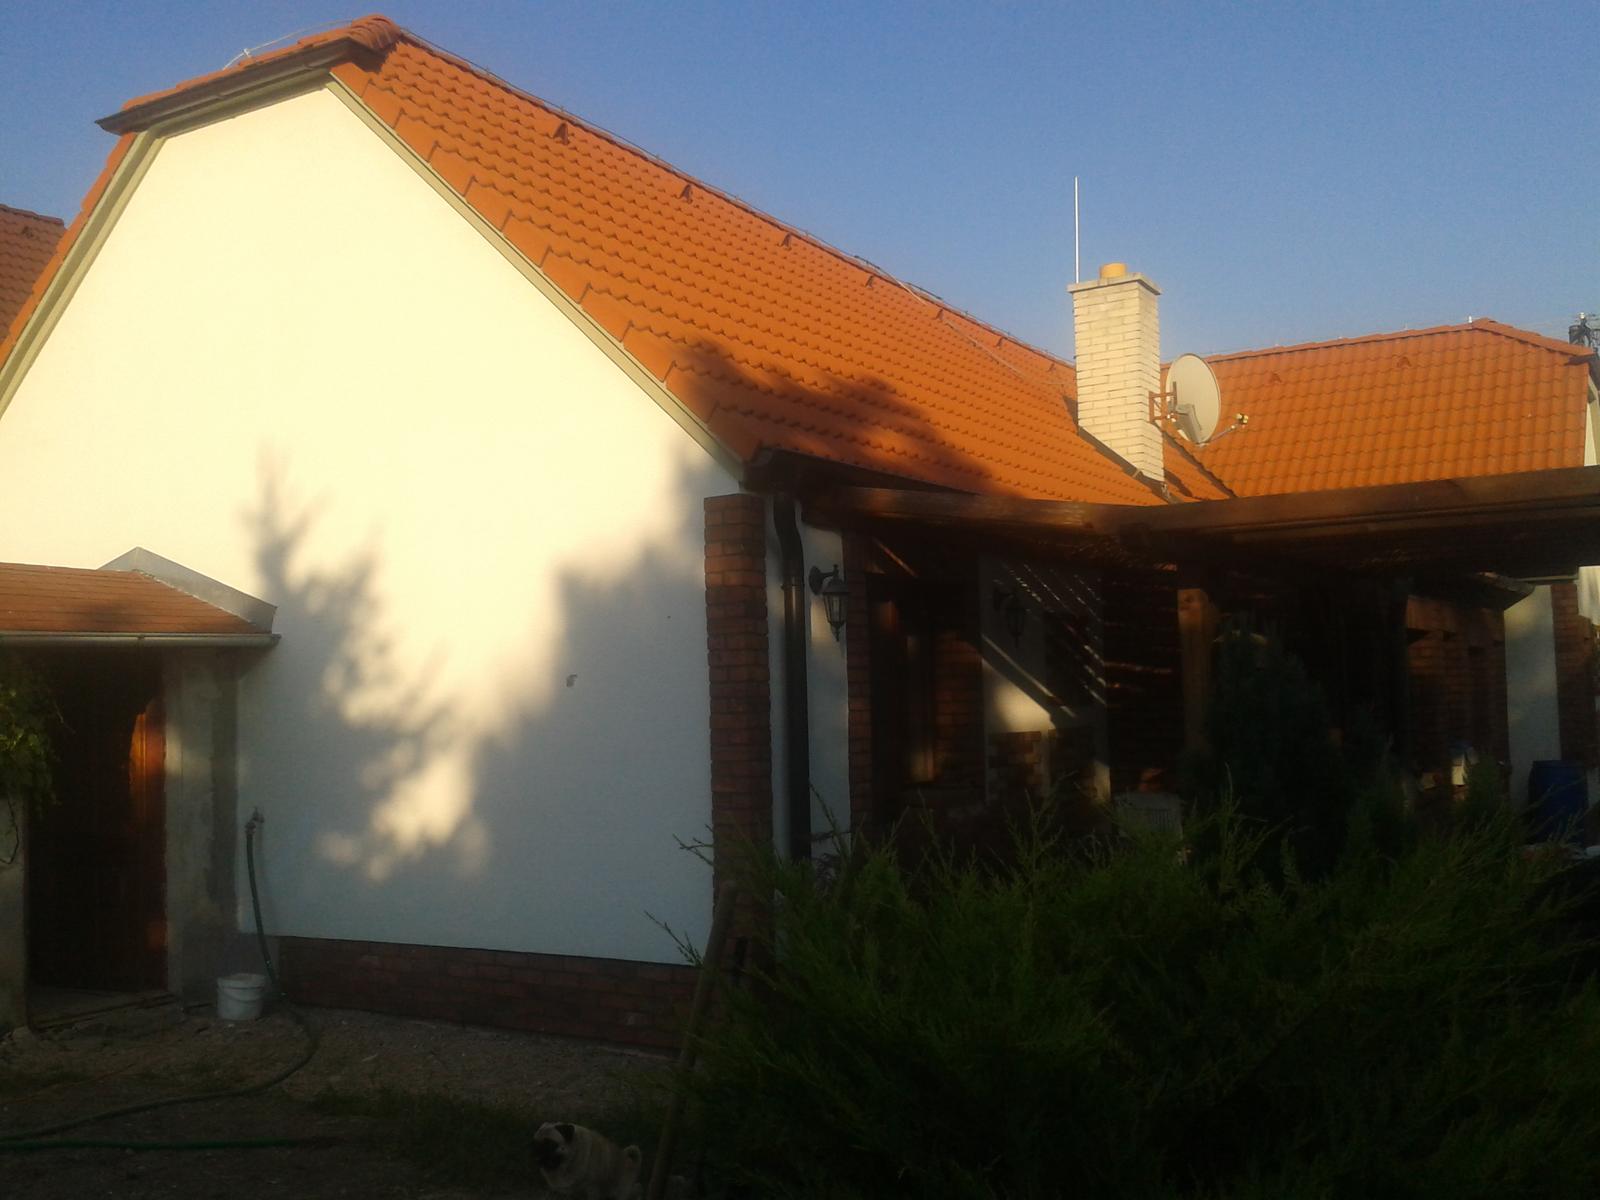 Náš starý domček - po presťahovaní sa konečne aj starý domček dostal novú fasádu